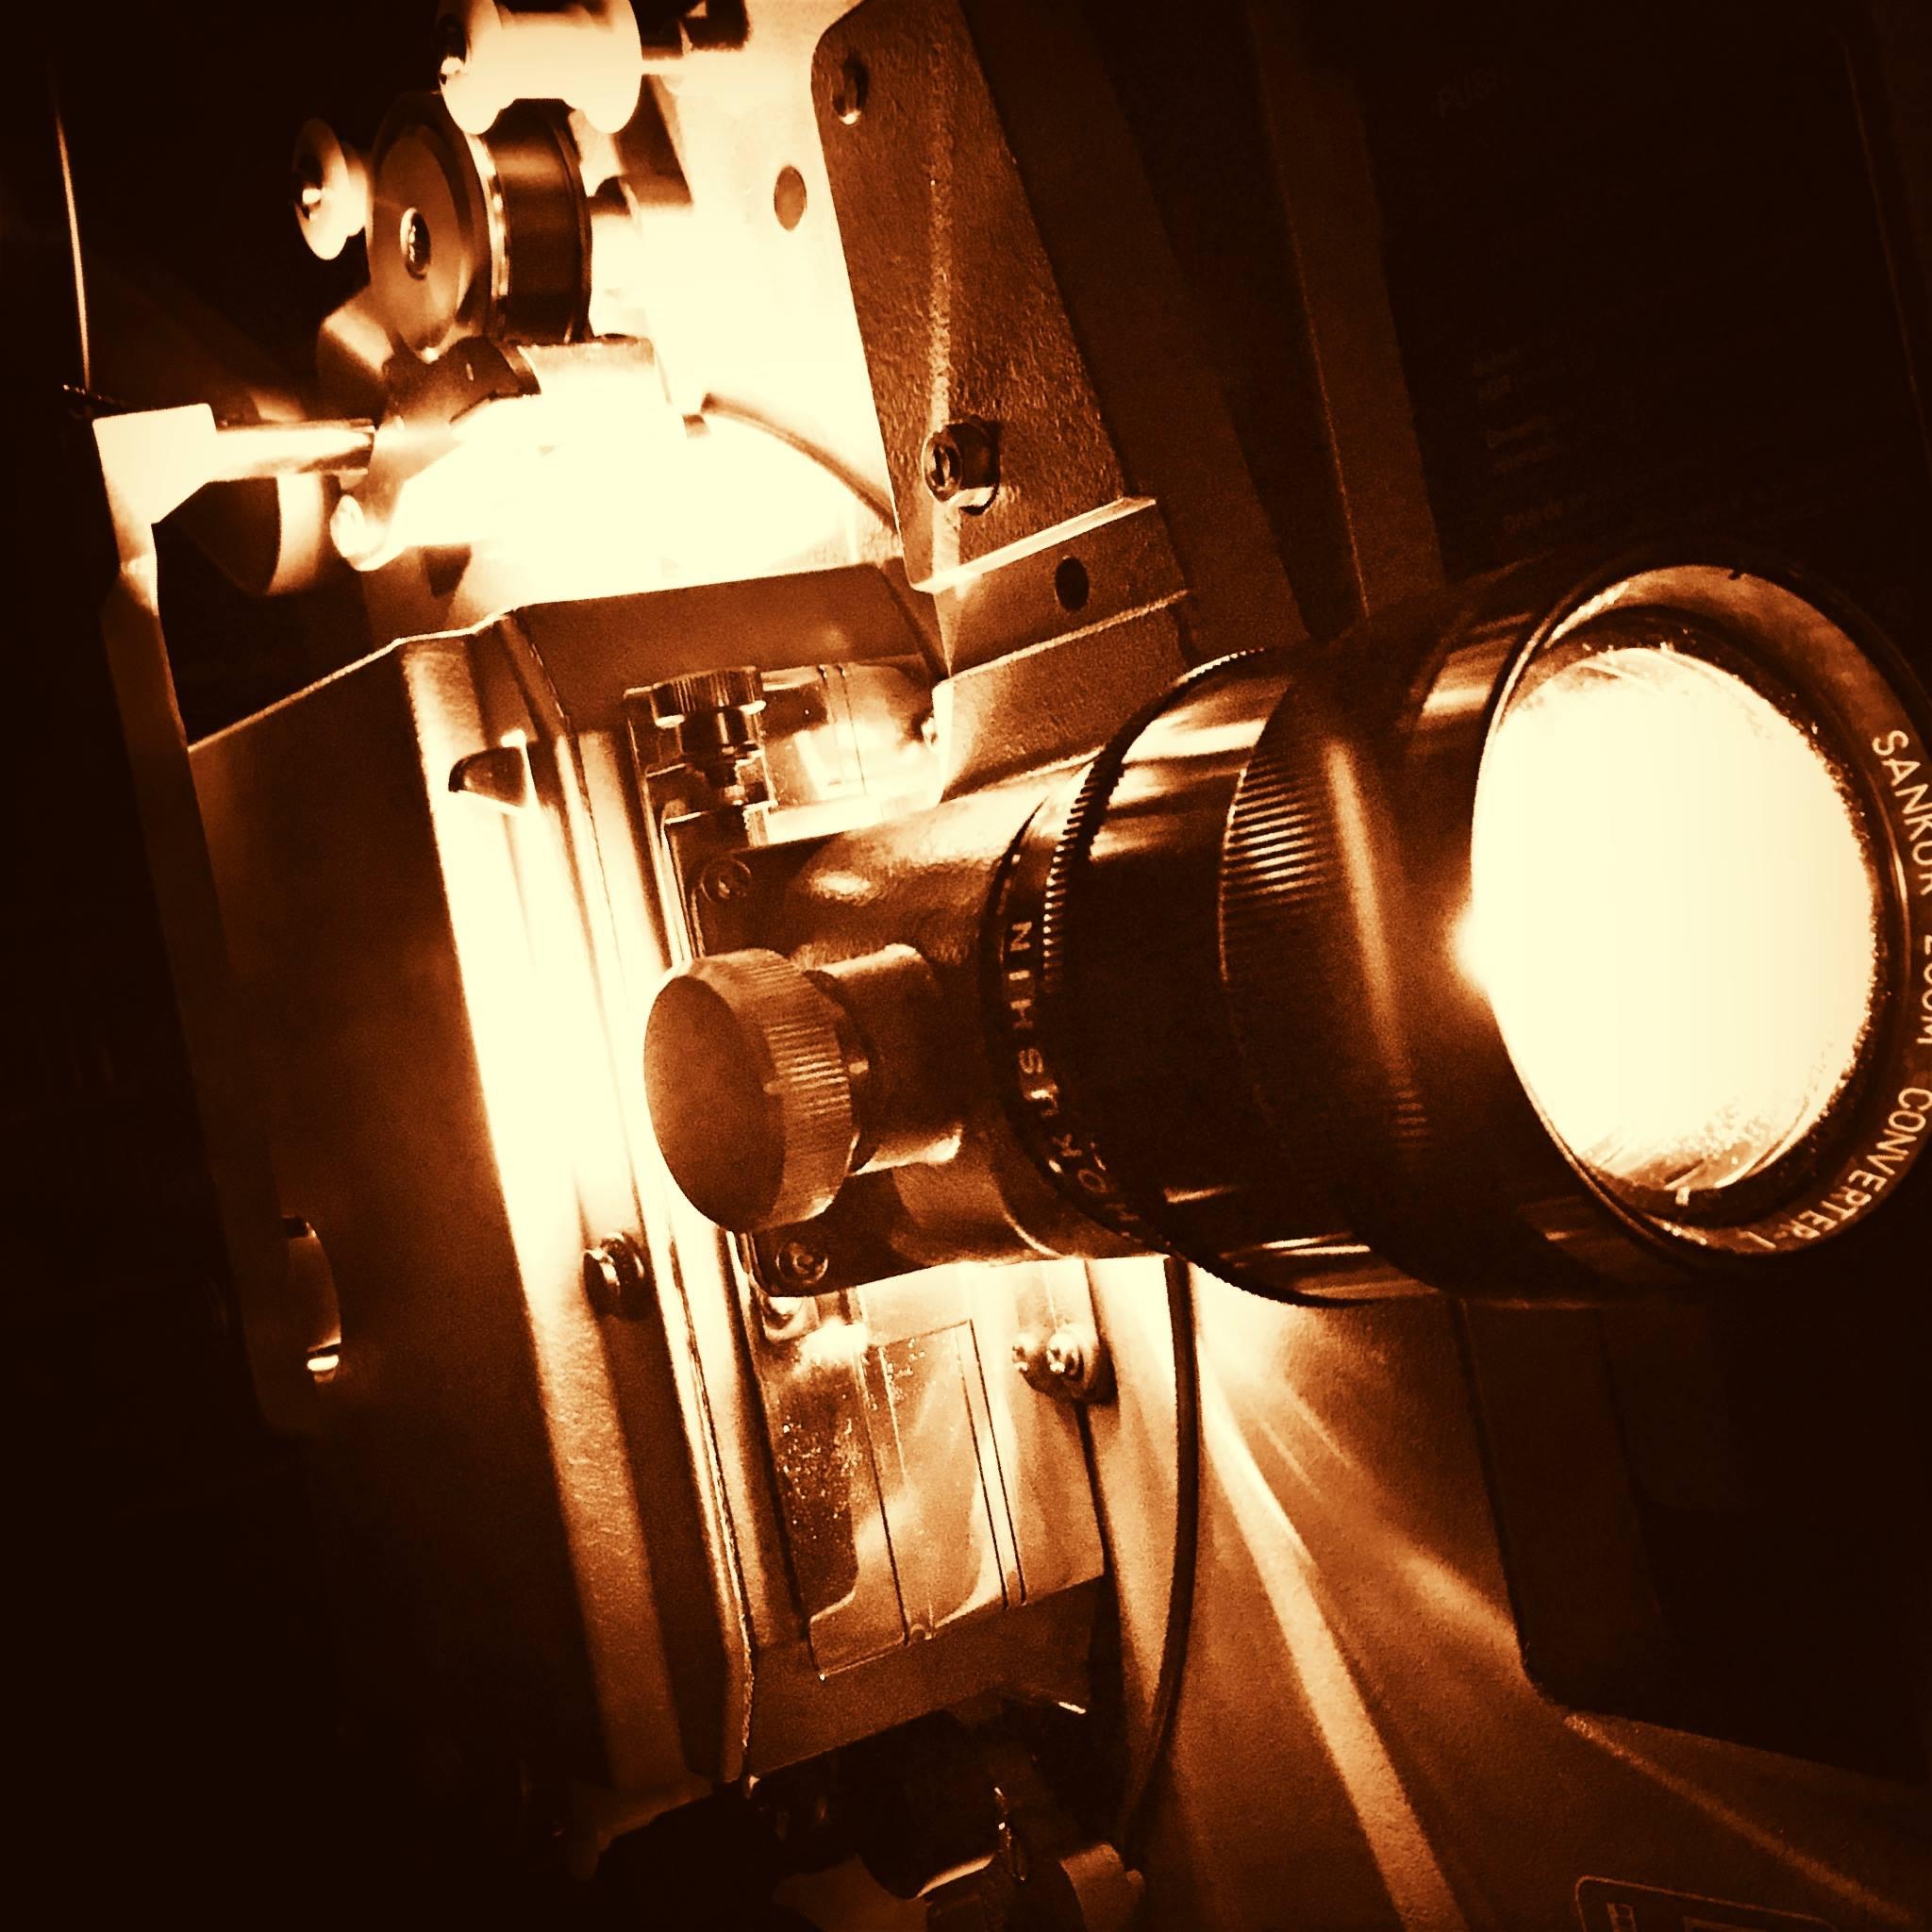 16mm-Filmprojektion beim Zwickauer Literaturfrühling